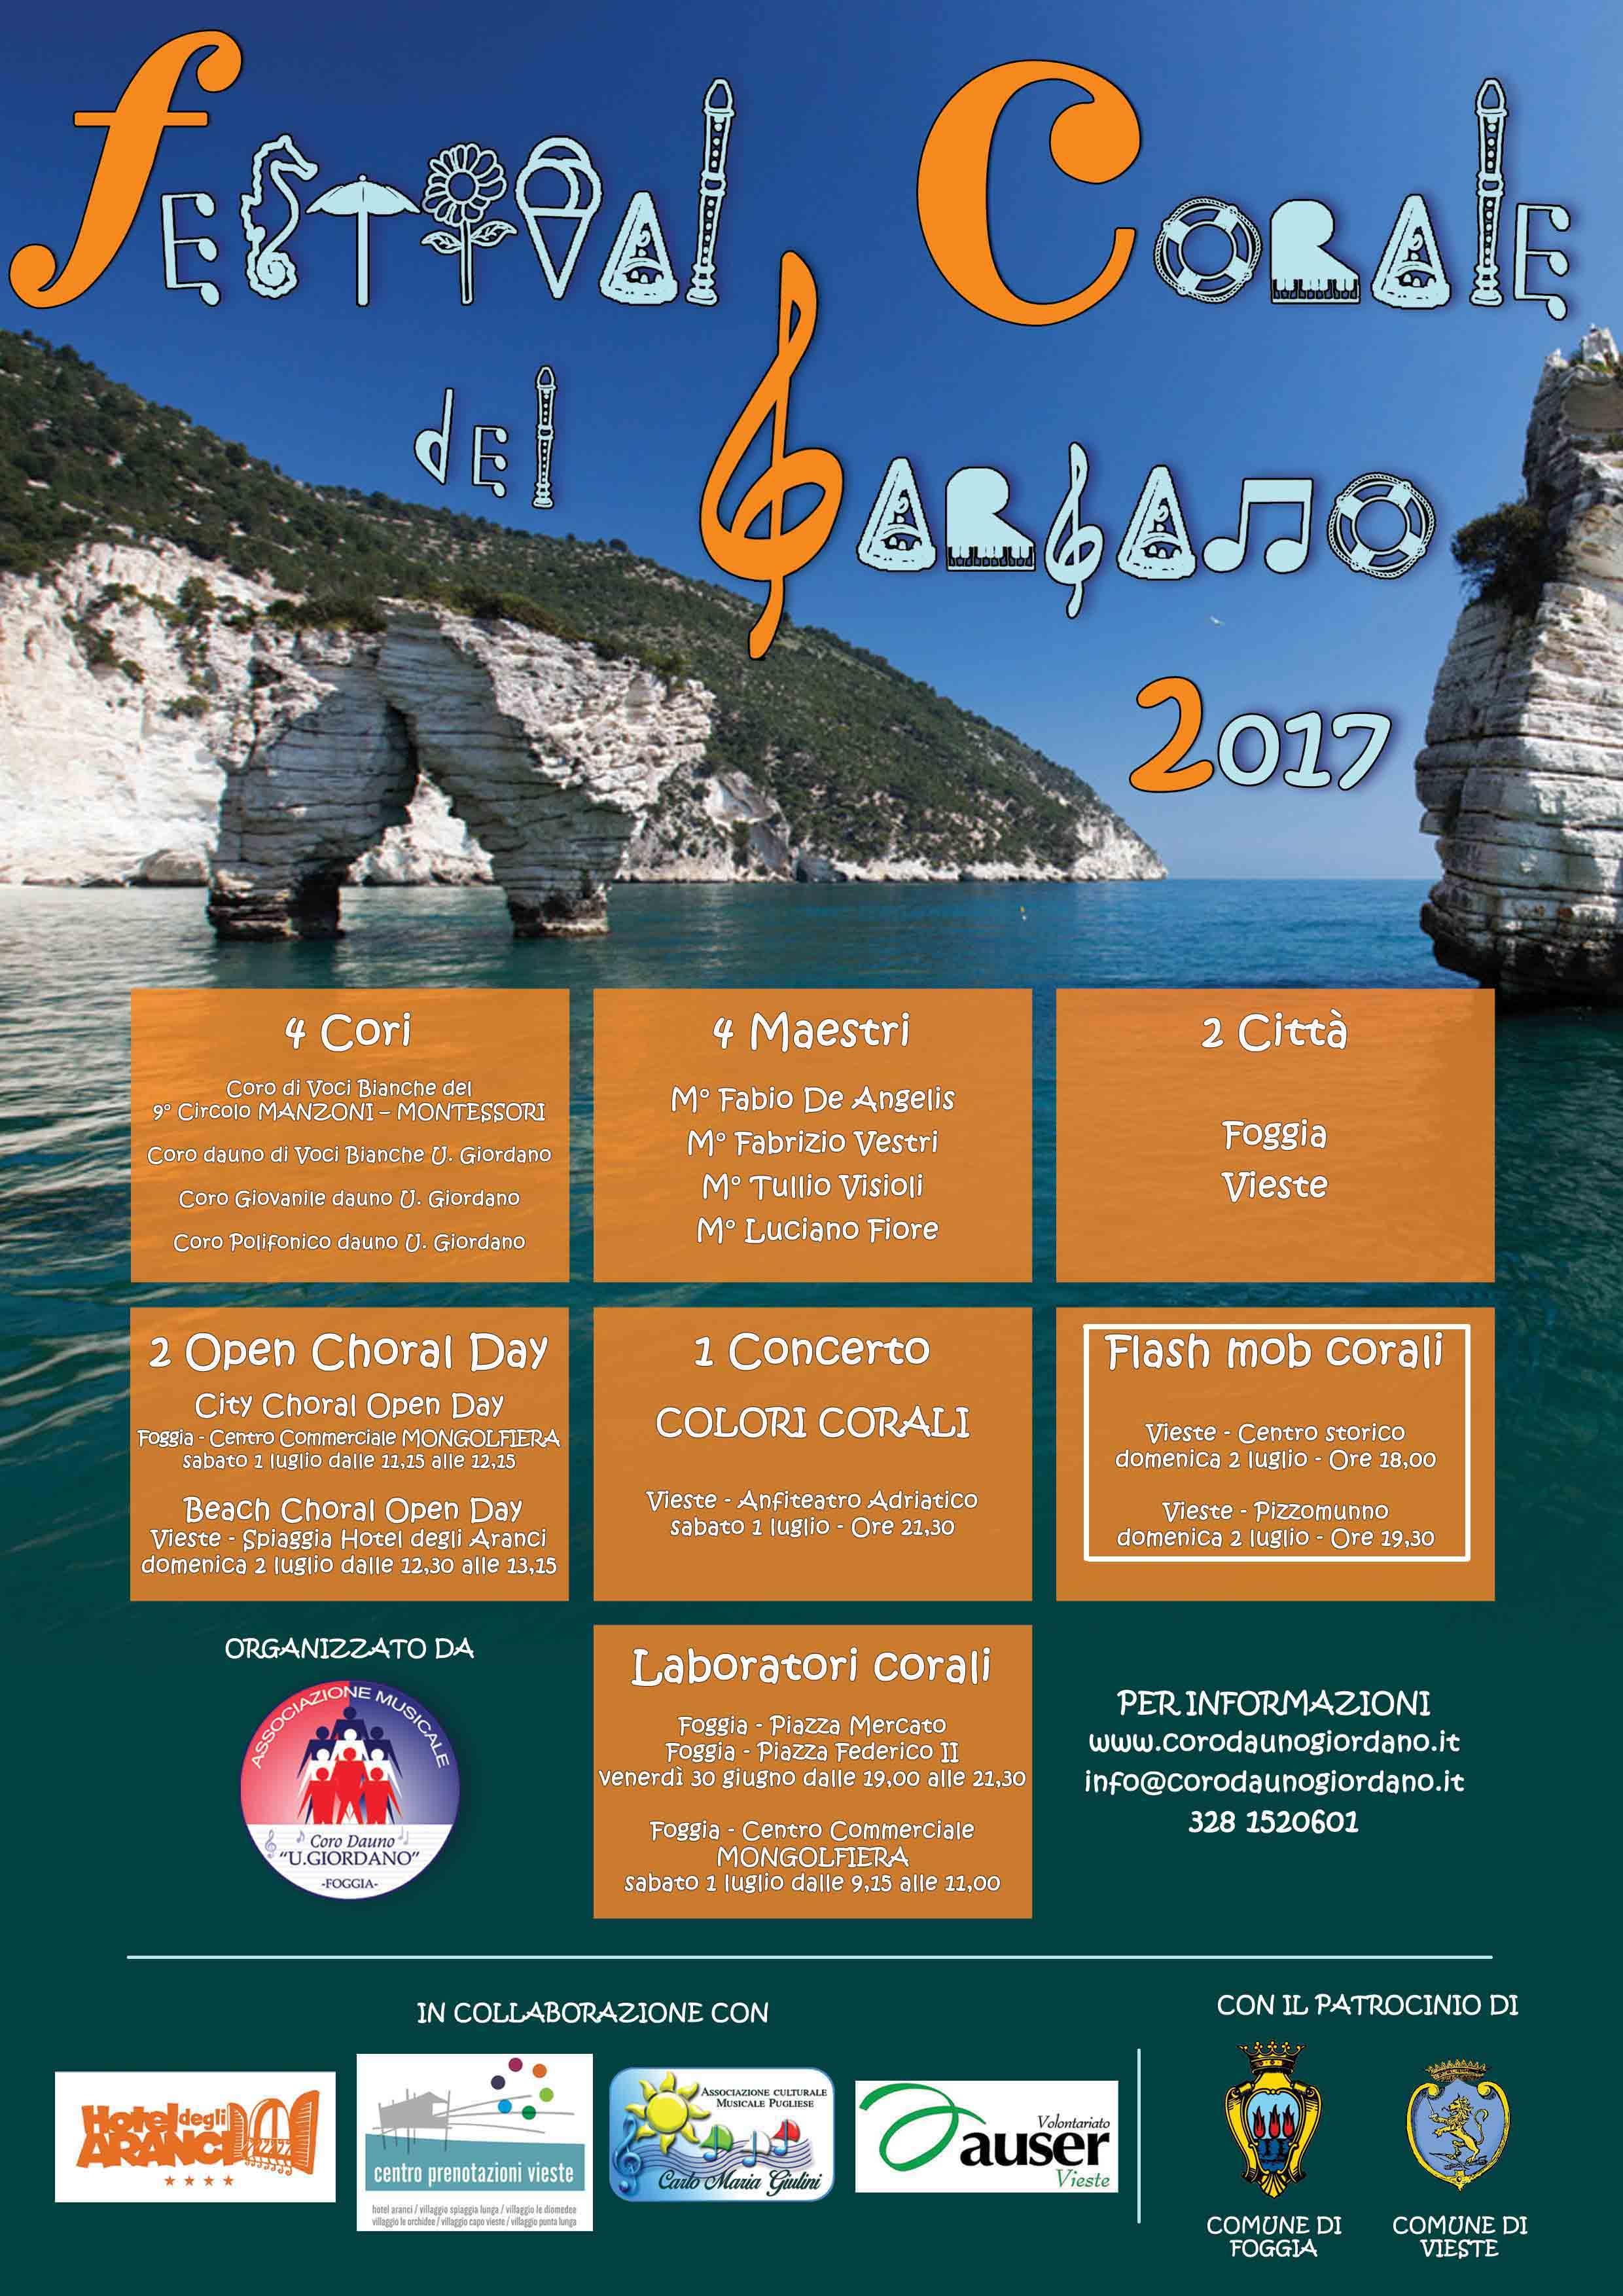 FESTIVAL CORALE DEL GARGANO 2017 - Flash Mob Corali